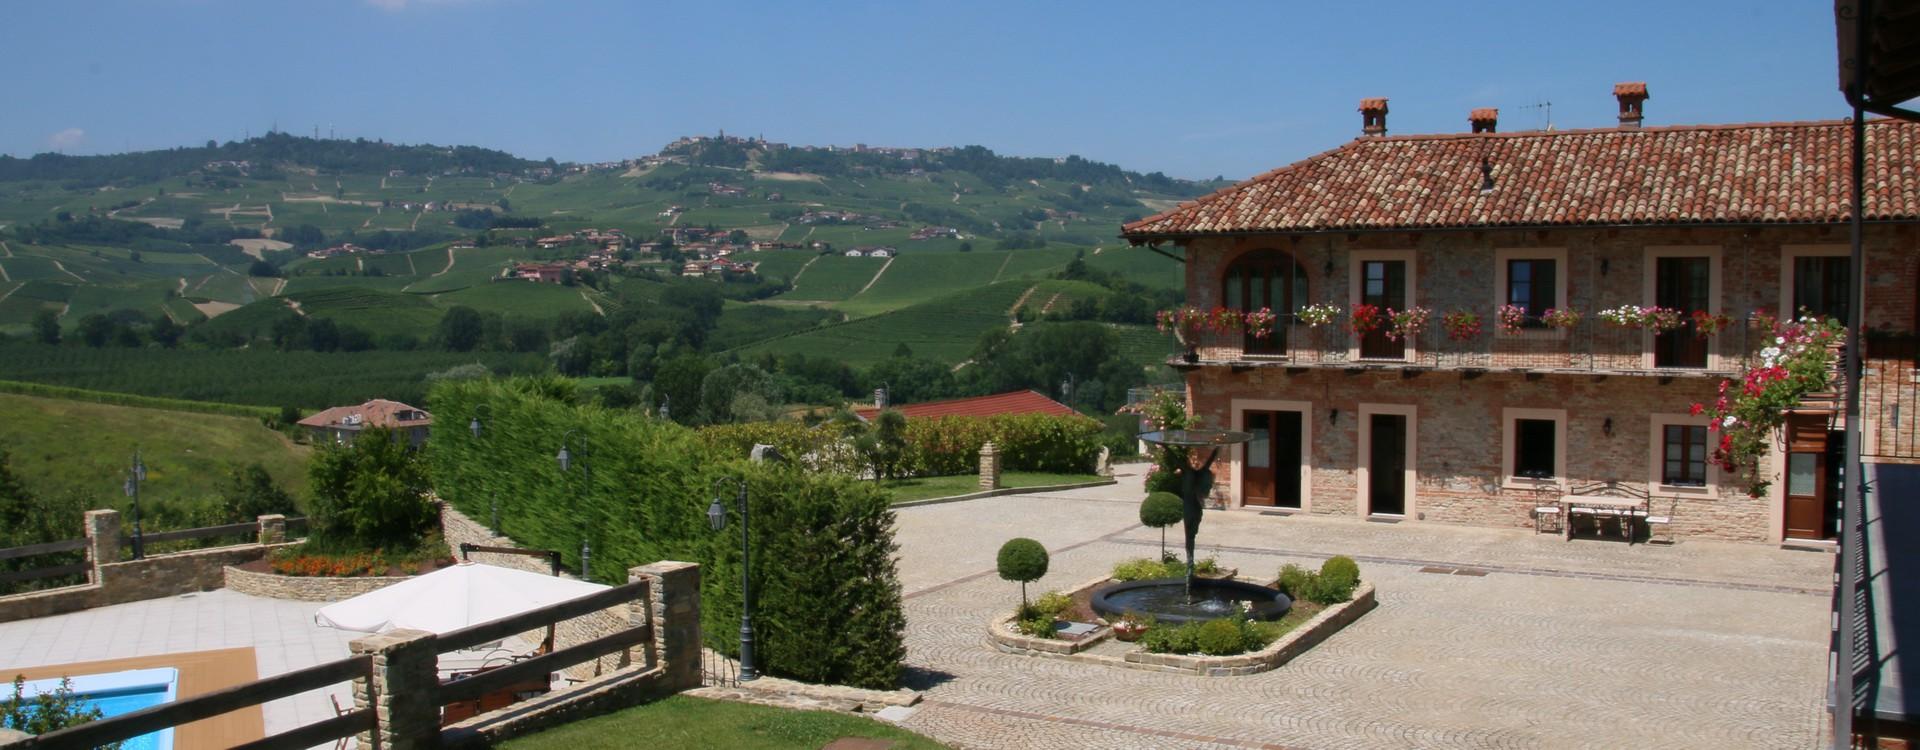 Barolo view